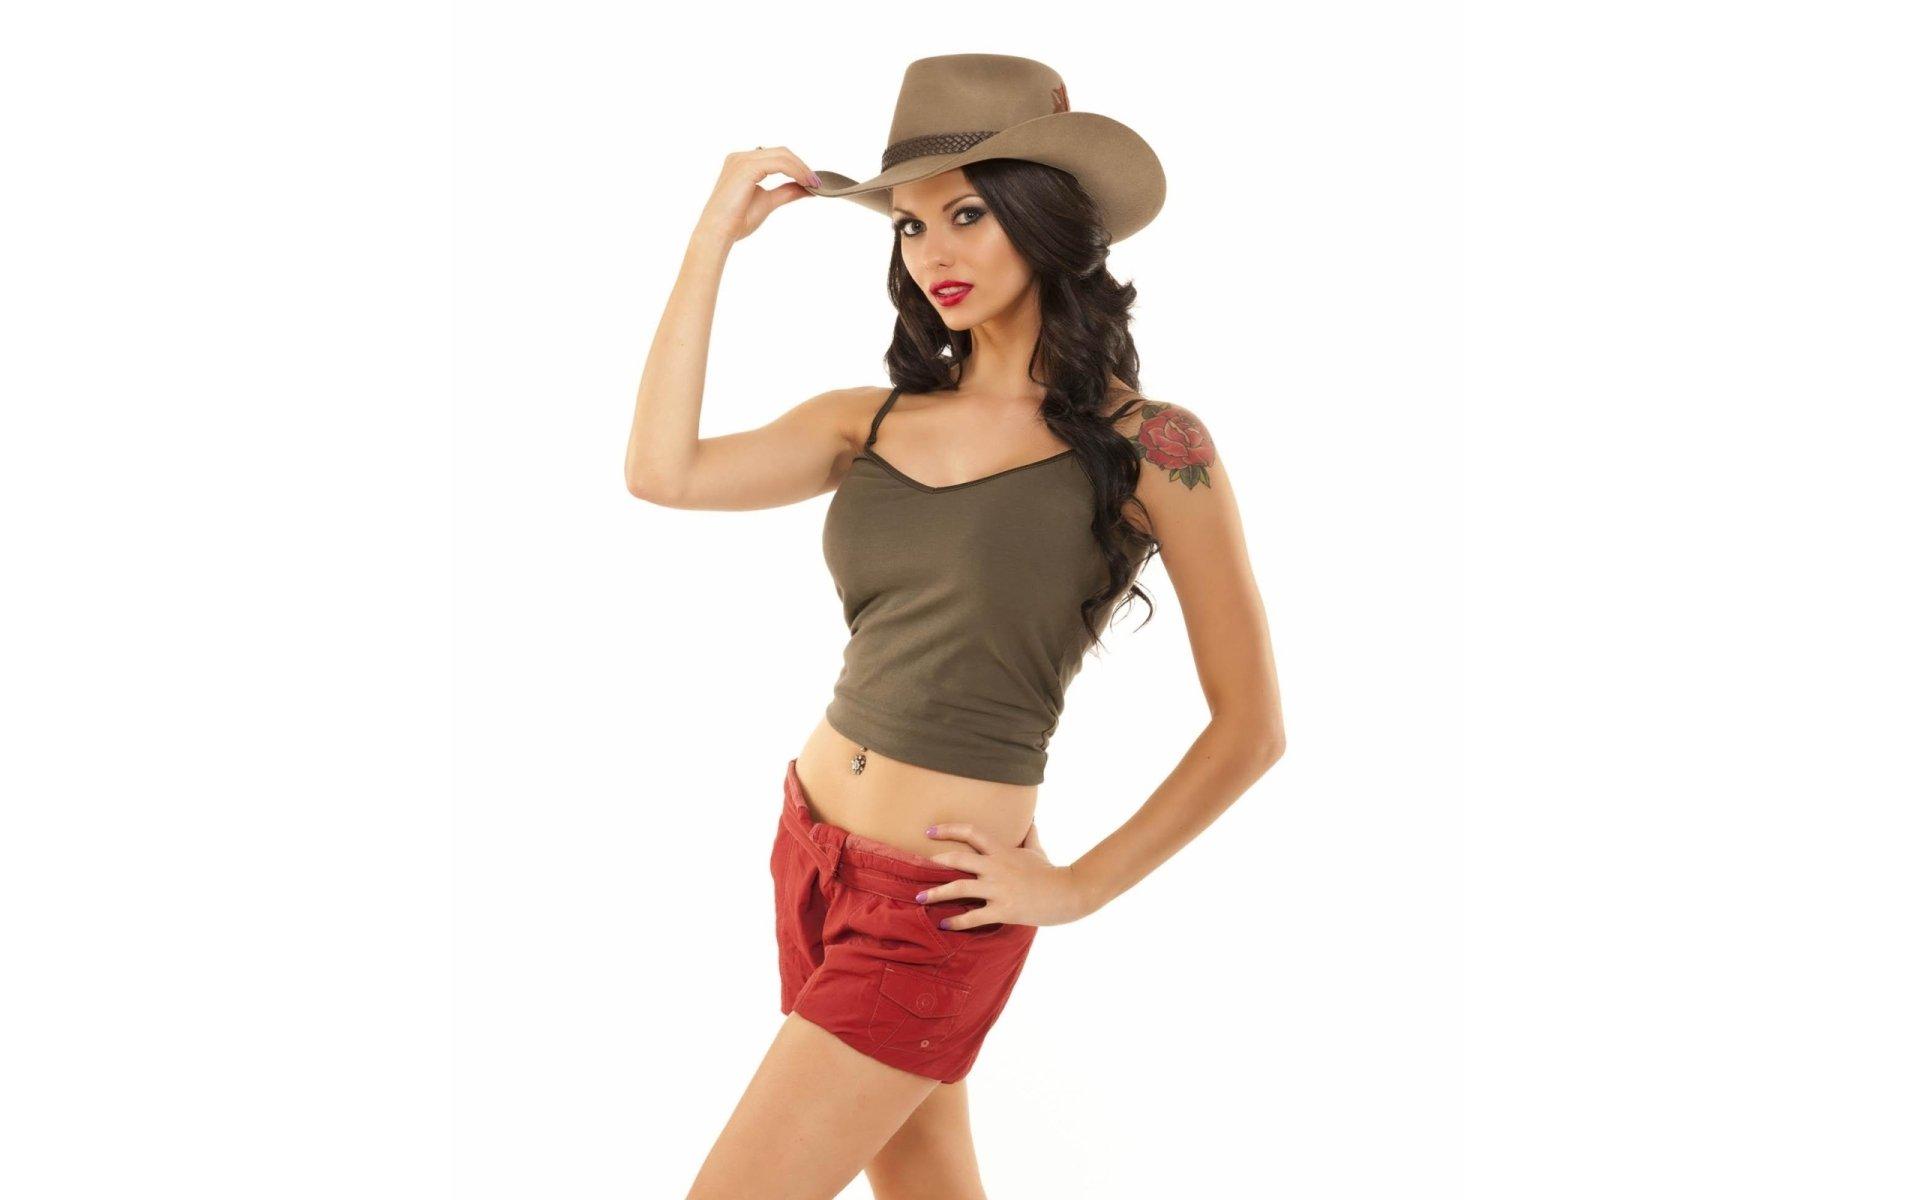 девушка брюнетка шляпа бесплатно